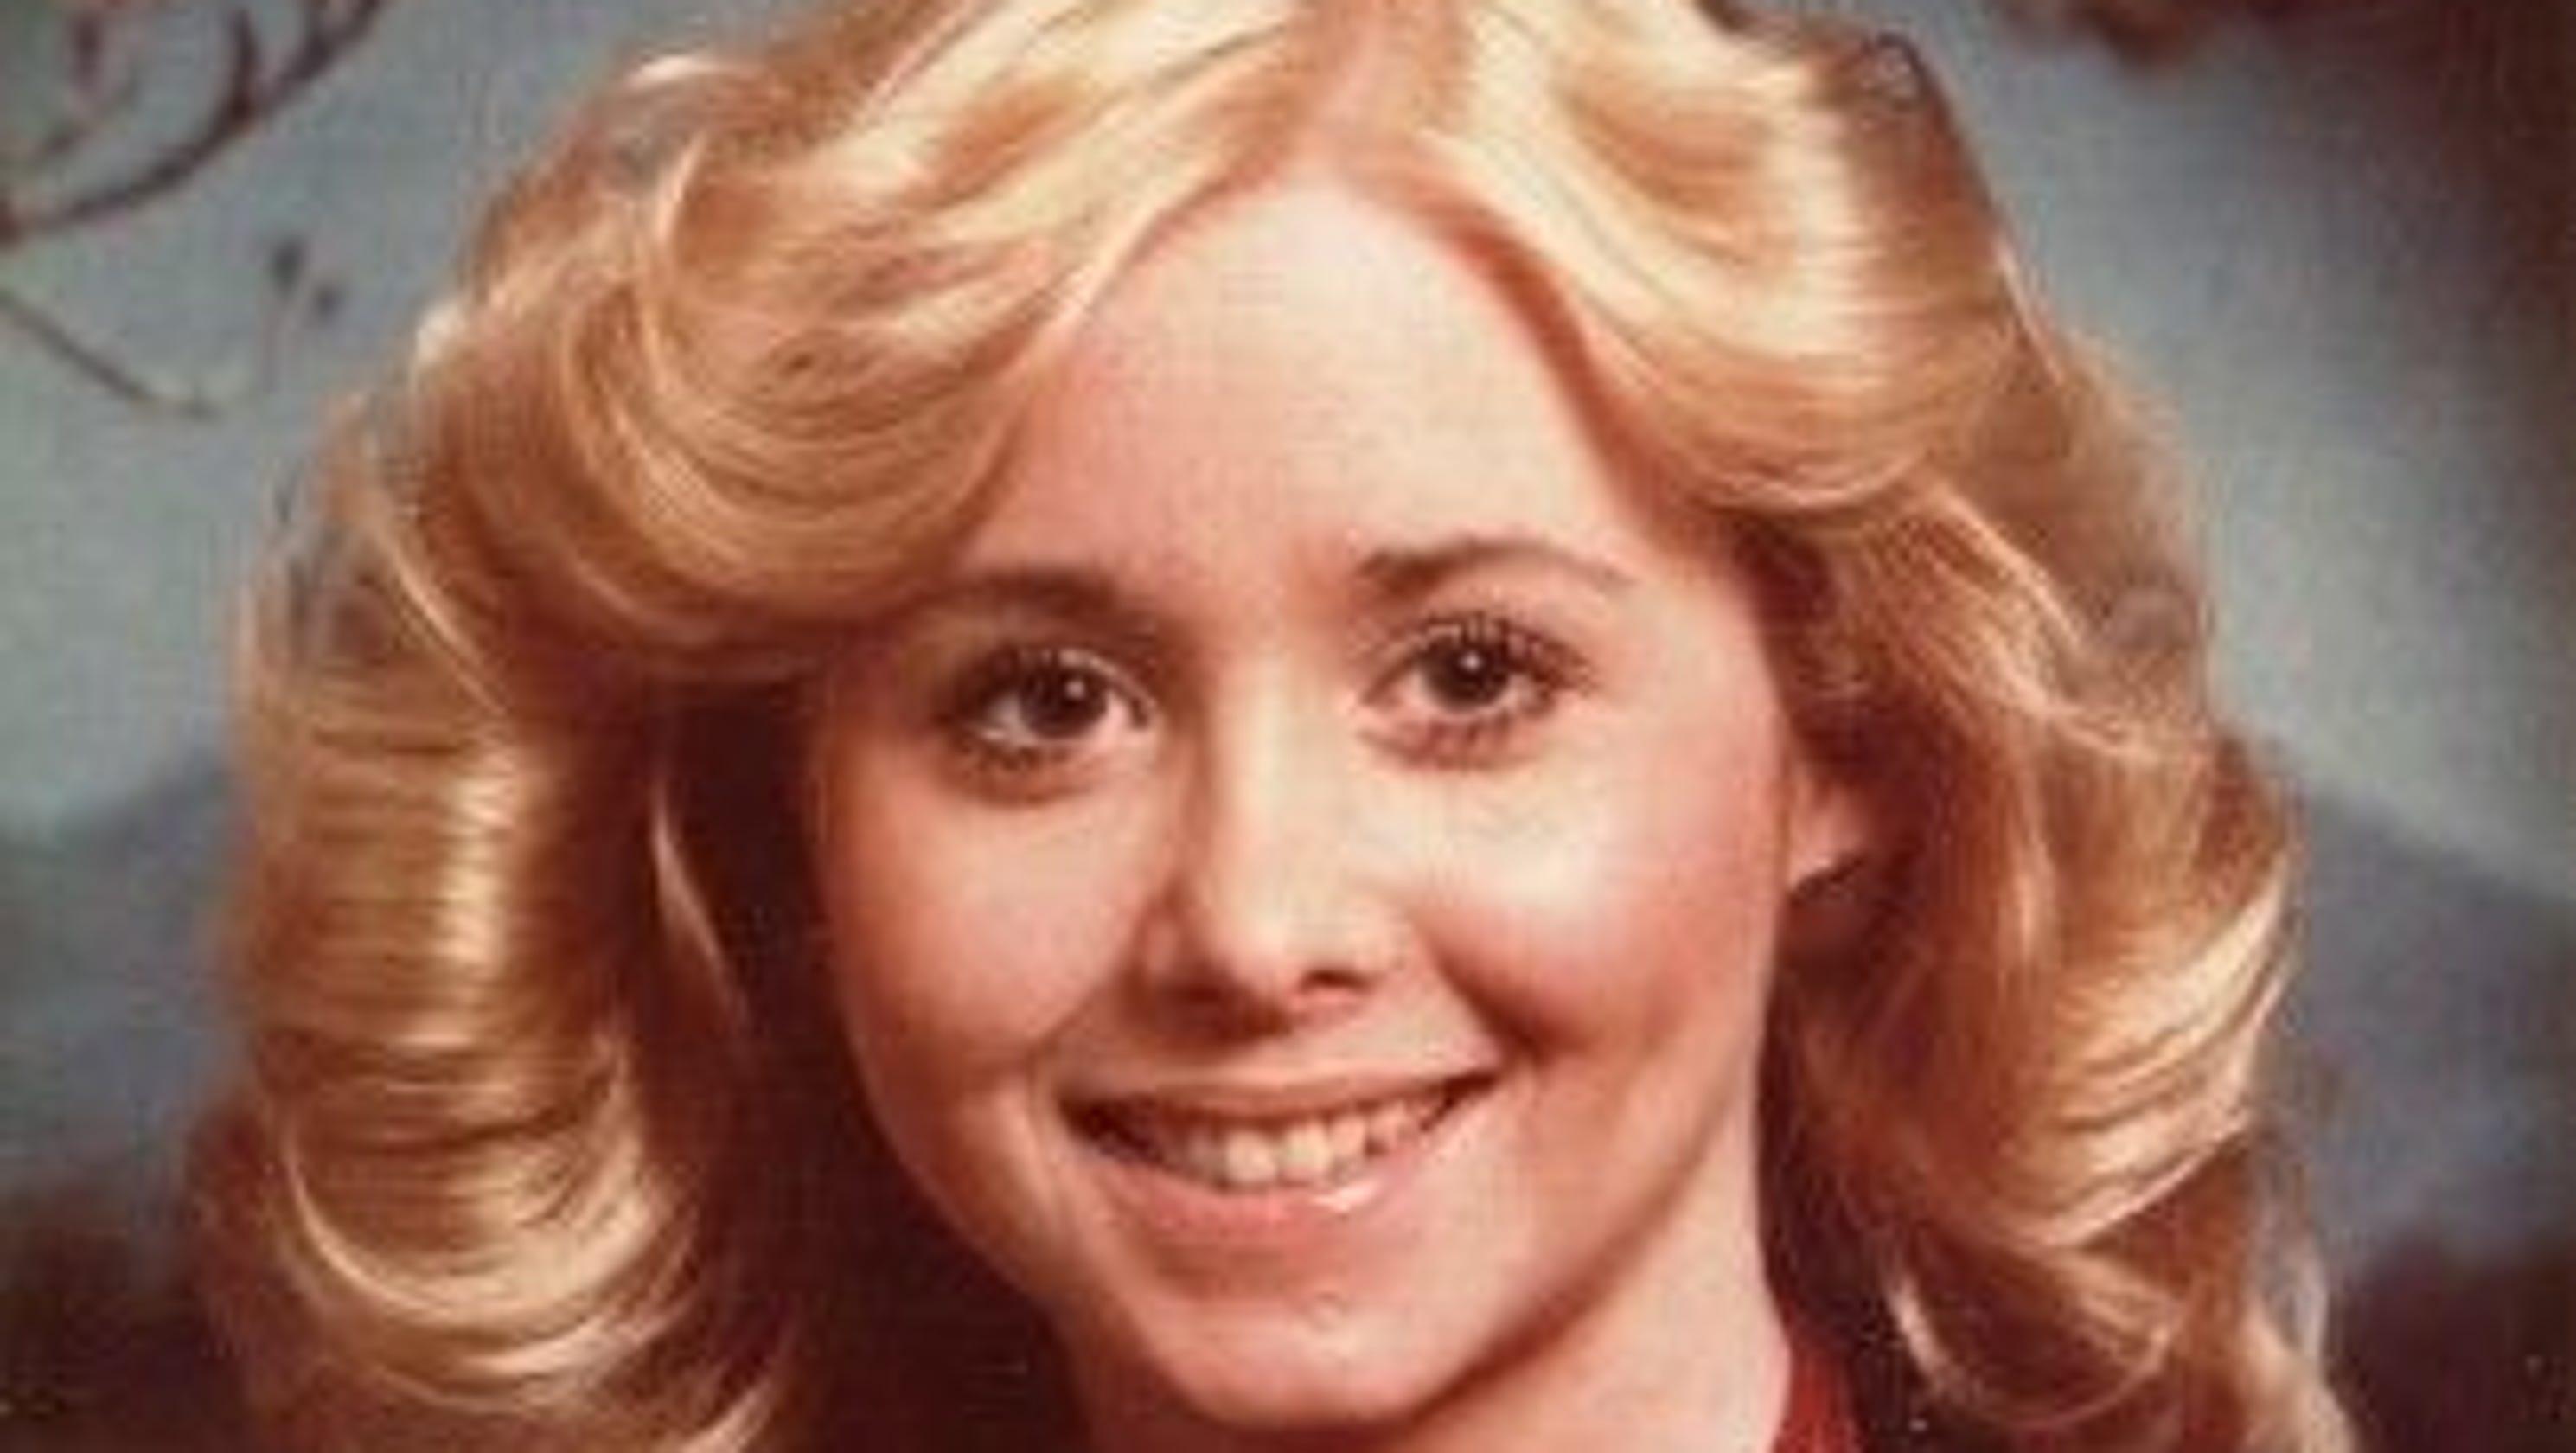 Iowa cold case: Police make arrest in 1979 Iowa killing of Michelle